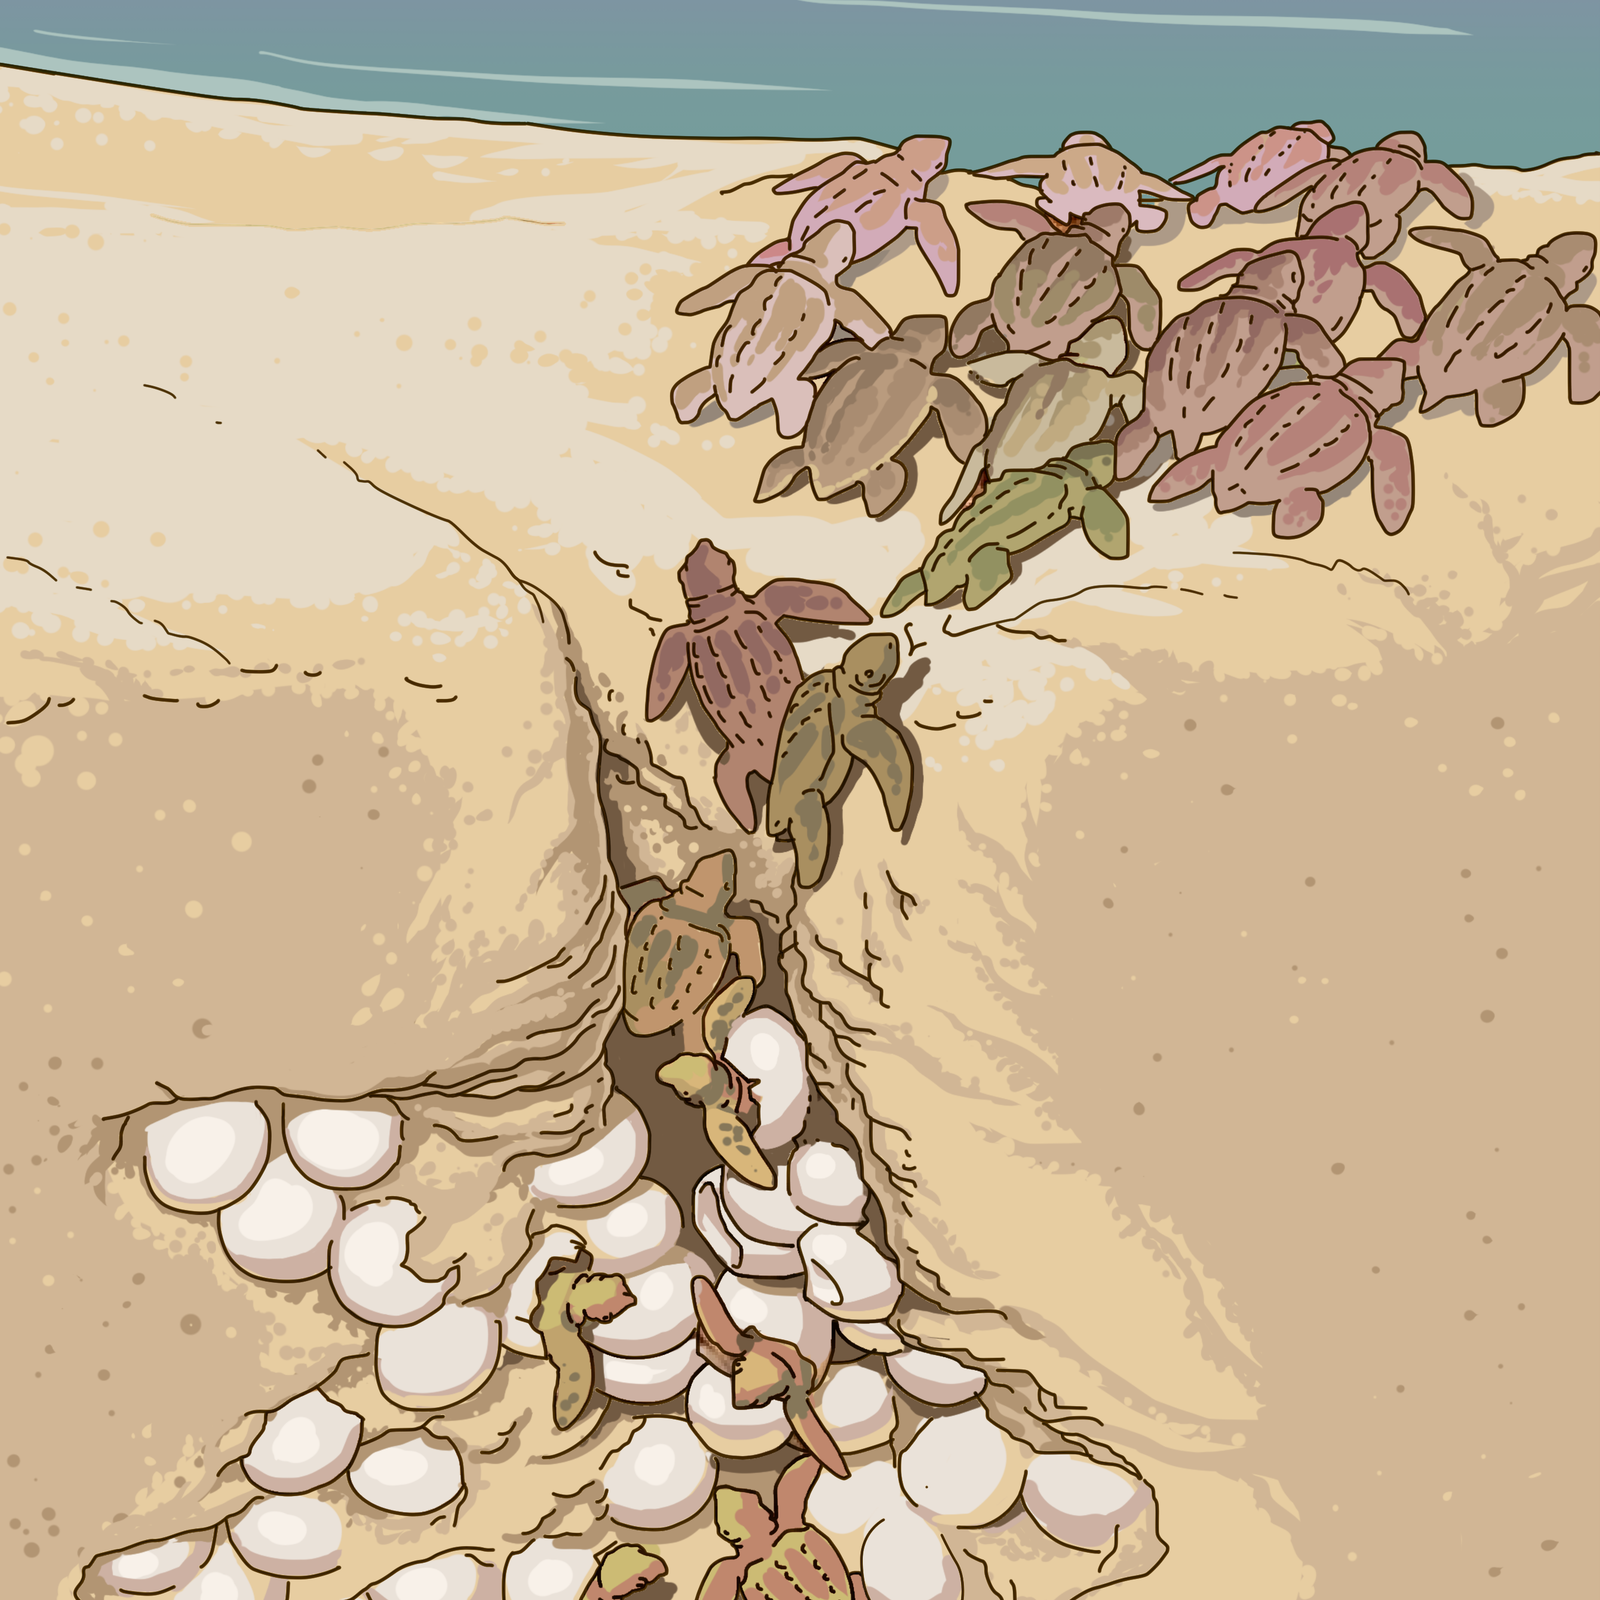 Rysunek młodych zółwi morskich. Młode są zielone. Wychodzą zjamki wykopanej na plaży, wktórej znajdują się białe okrągłe jaja. Młode wędroją wstronę morza. Mają kończyny przekształcone wpłetwy.